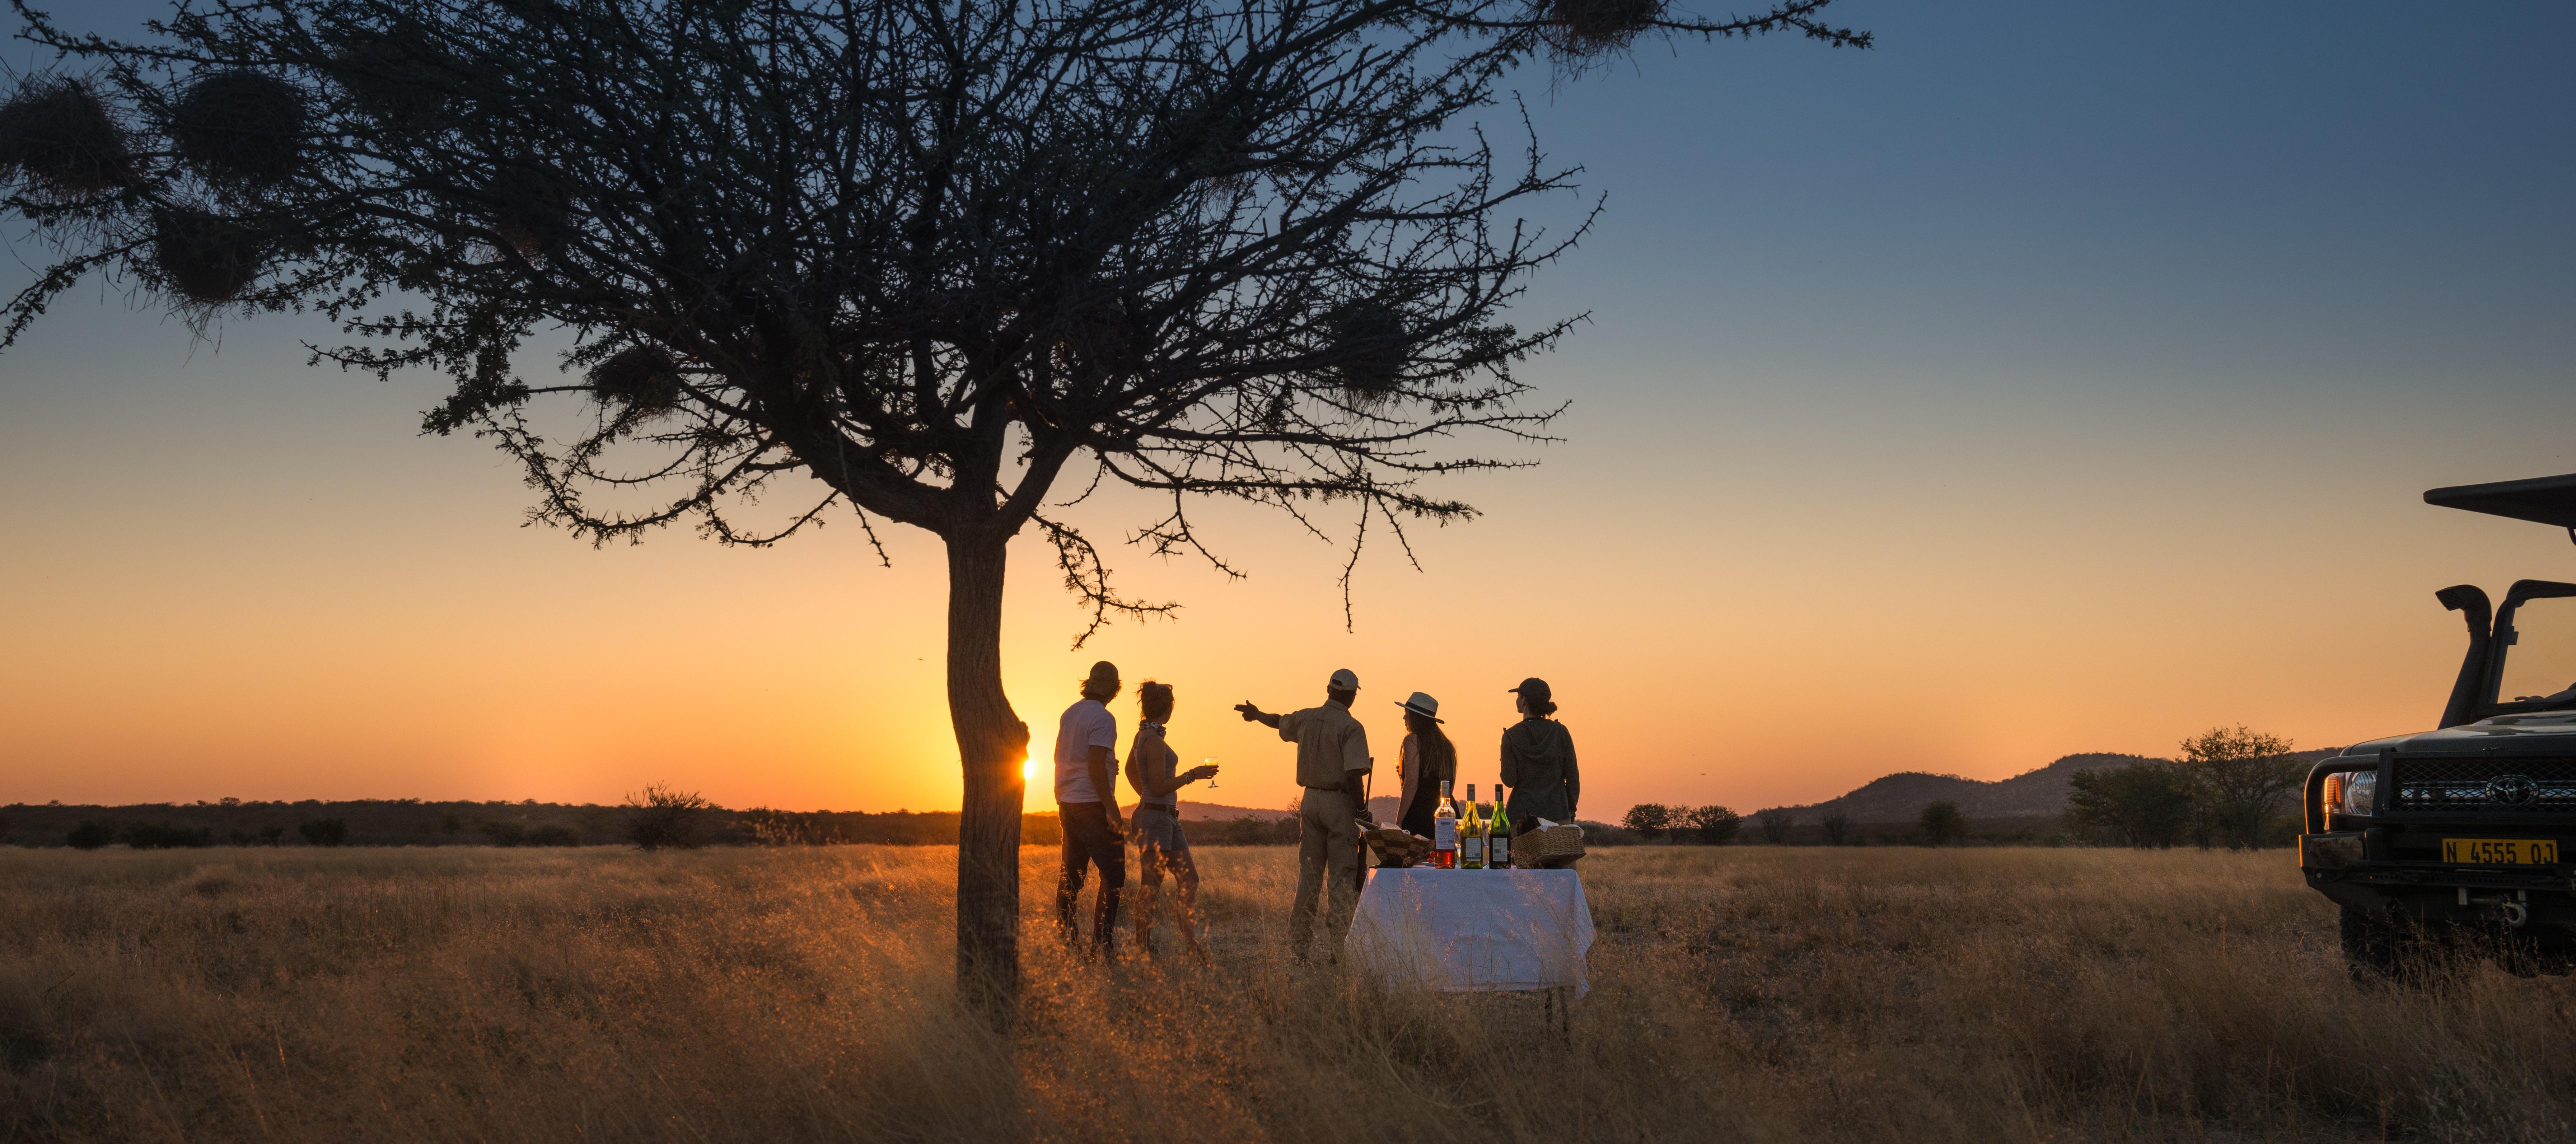 sundowners-etosha-national-park